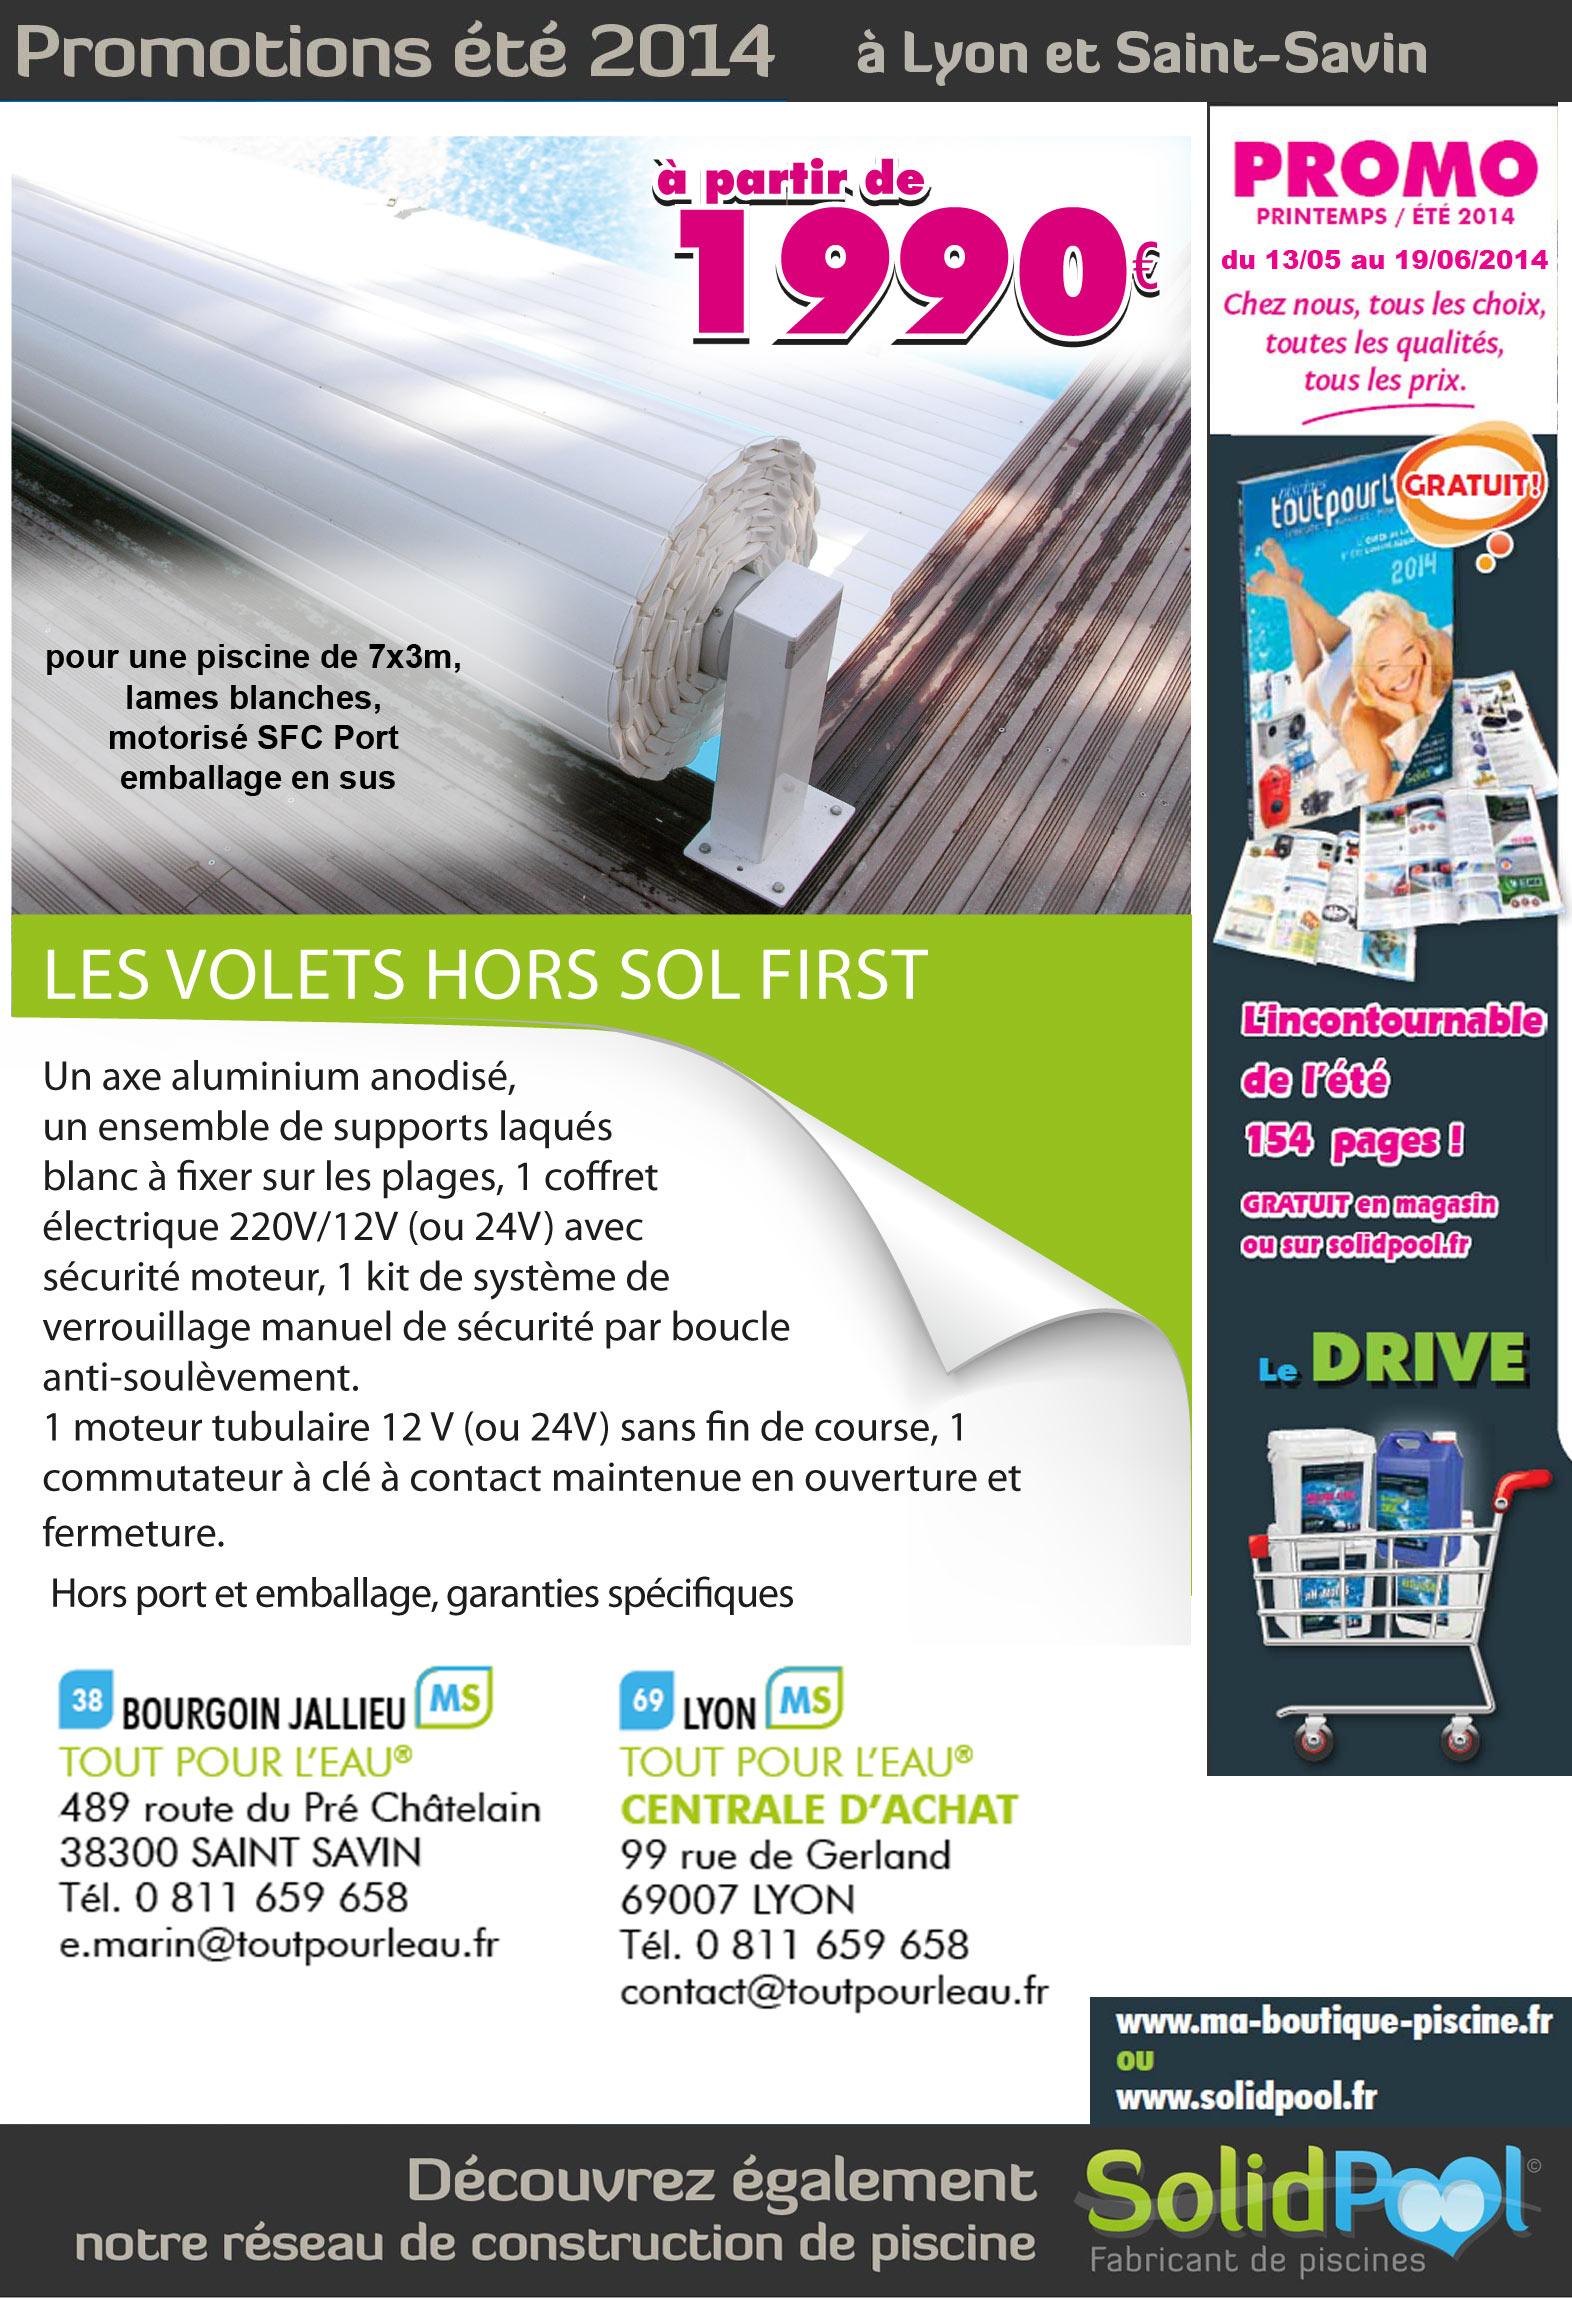 Promotion Sur Les Volets Pour Piscine Hors-Sol First Dans ... concernant Piscine Bourgoin Jallieu